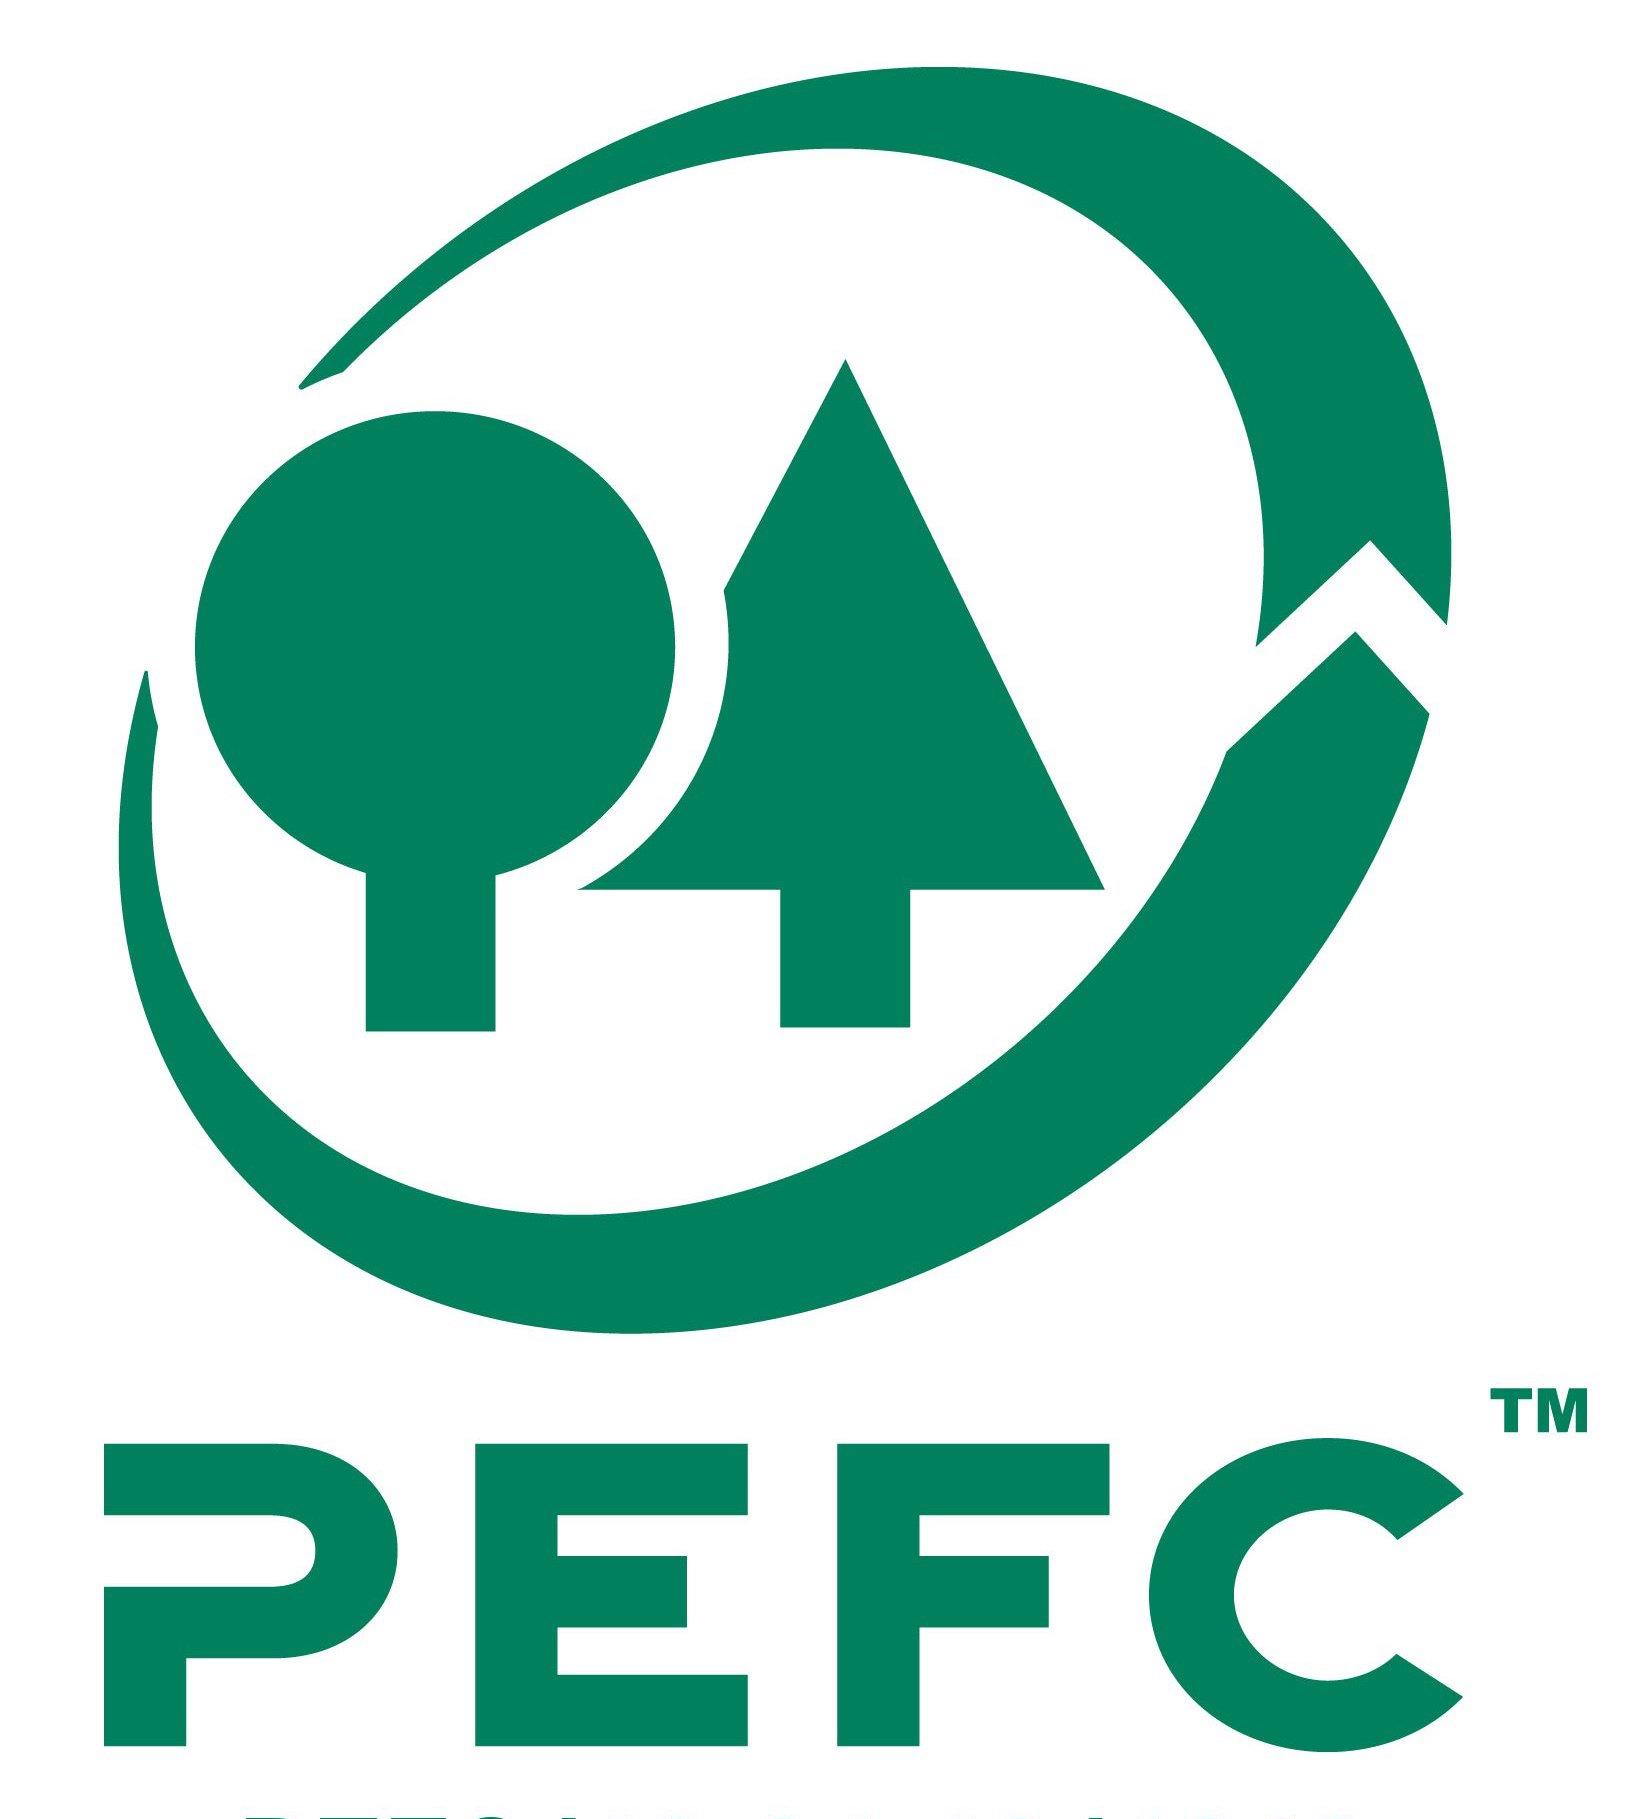 PEFC, Programme for the Endossement of Forest Certification schemes, est une ONG internationale qui a pour ambition de préserver les forêts, de garantir le respect de ceux qui y vivent, y travaillent et s'y promènent, mais aussi de pérenniser la ressource forestière pour répondre aux besoins en bois de l'Homme aujourd'hui et pour l'avenir.